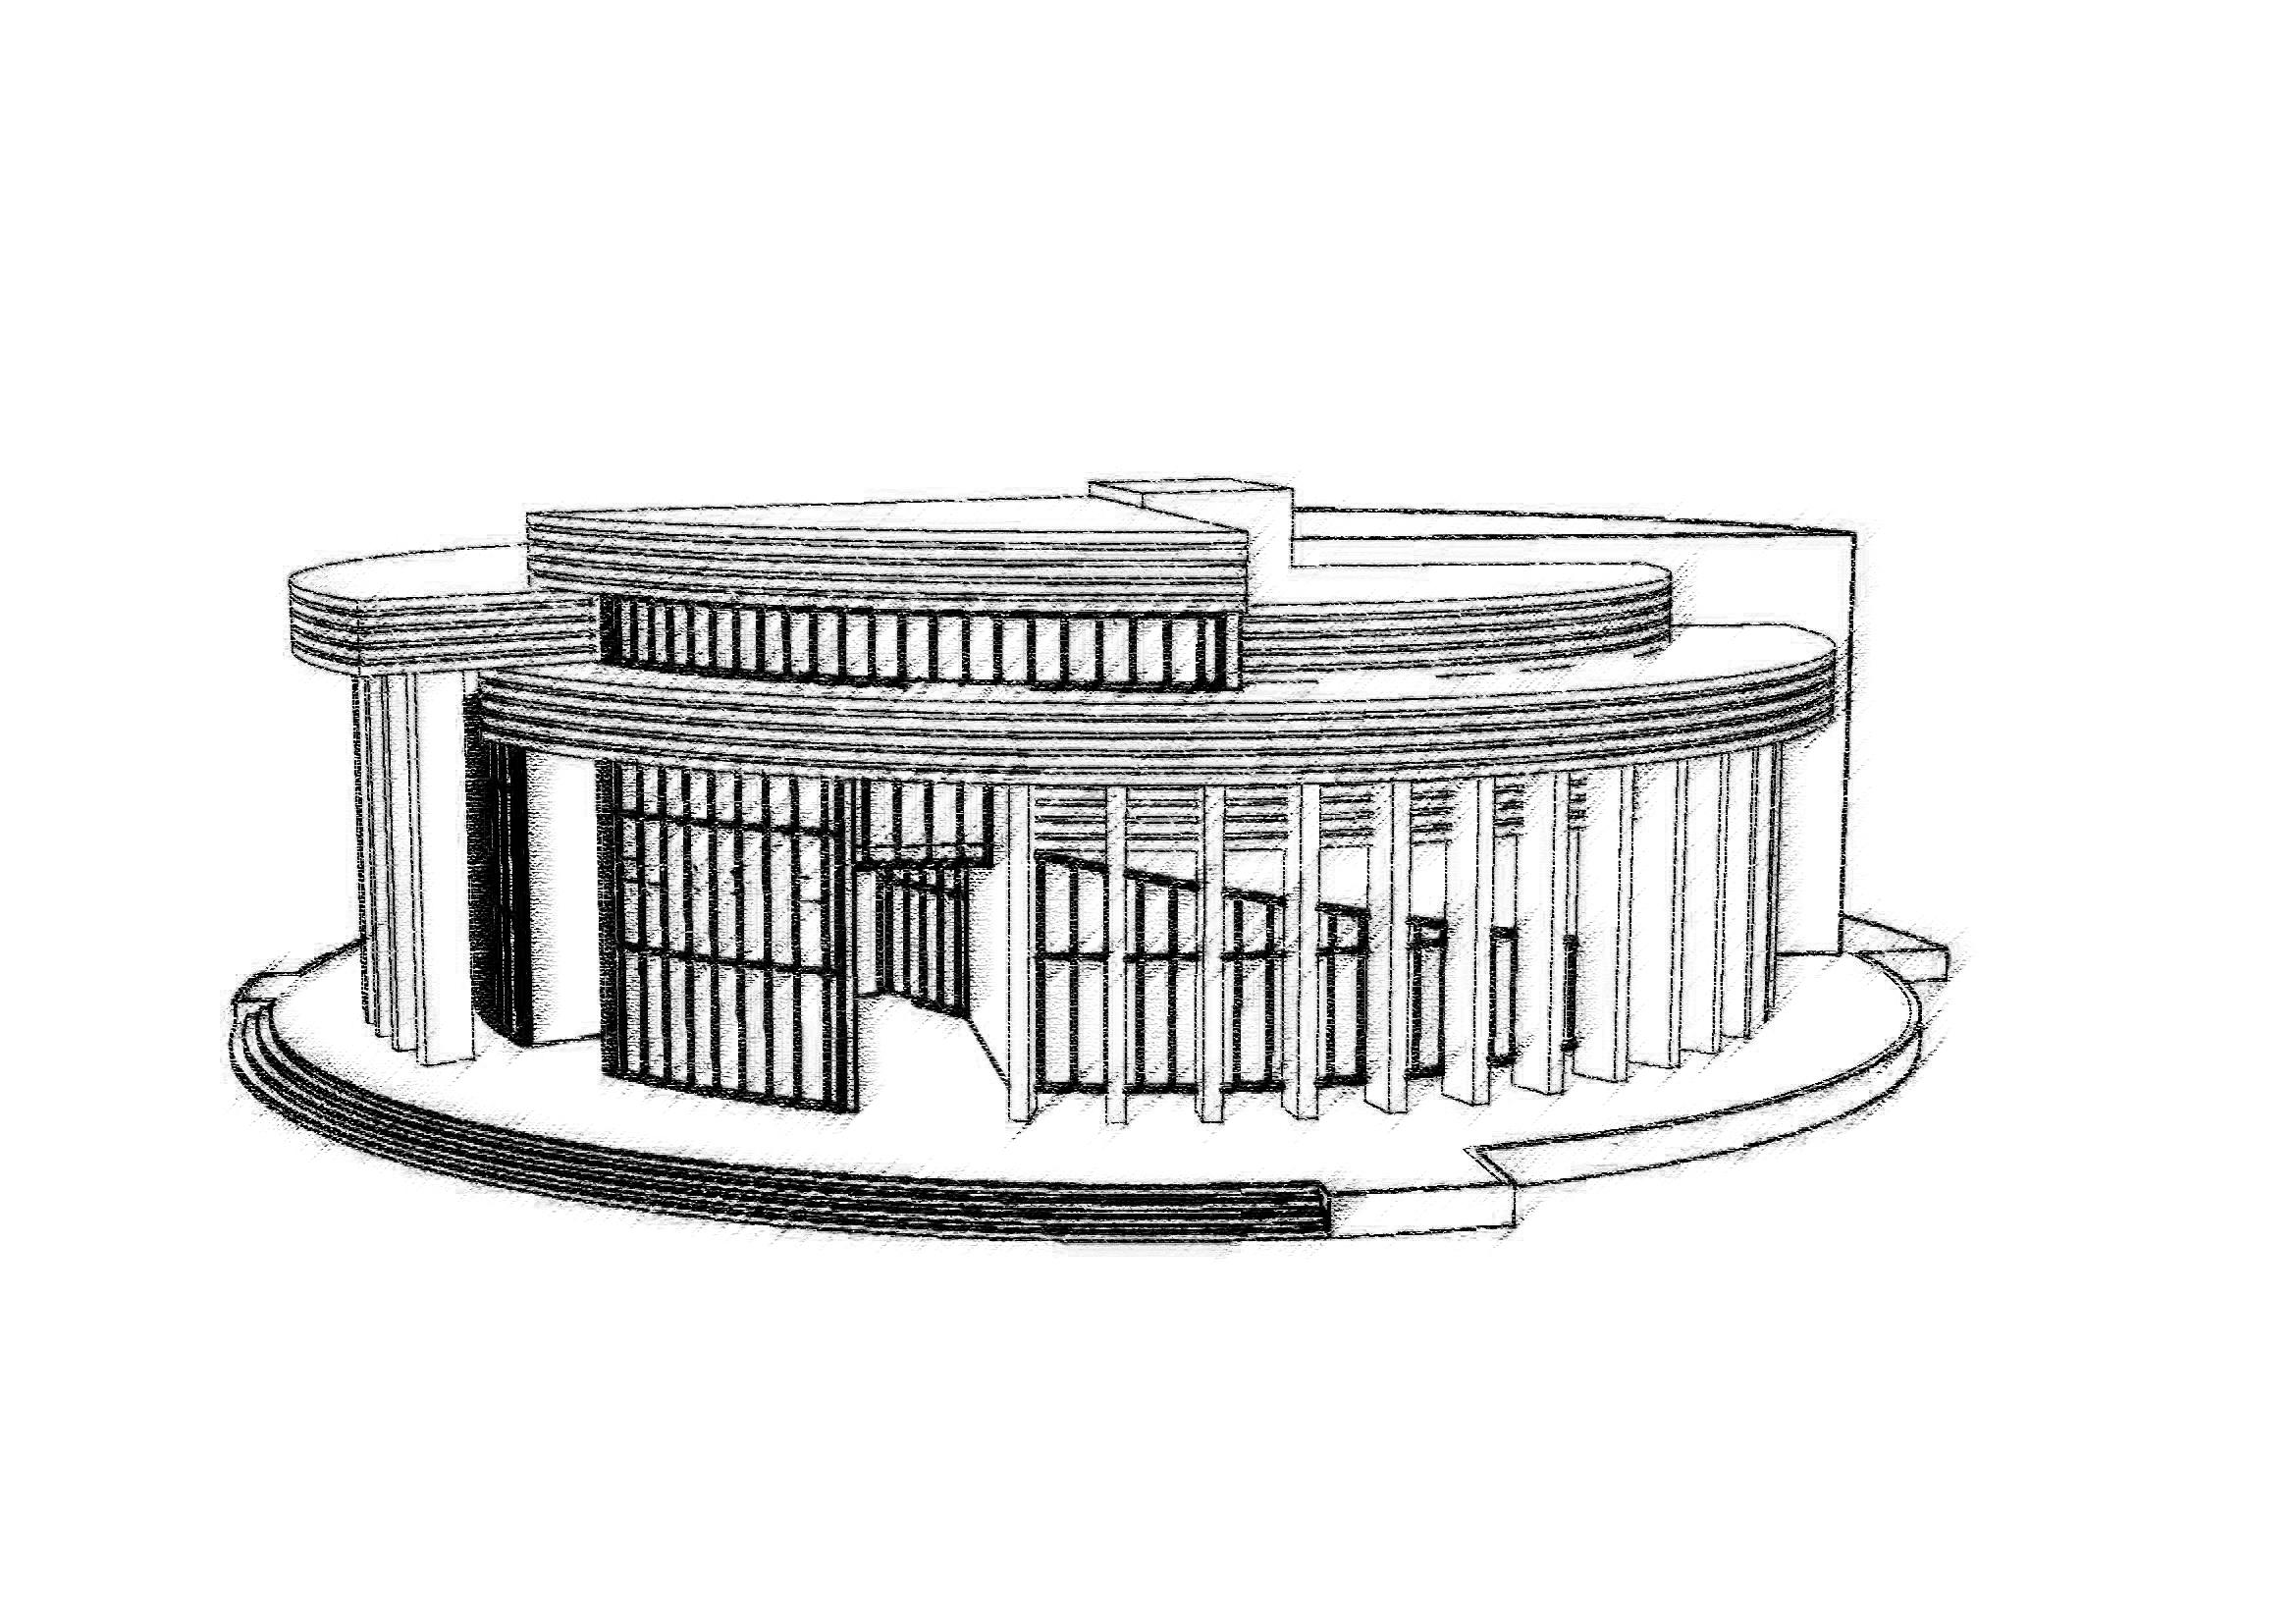 Разработка архитектурной концепции театра оперы и балета фото f_00152f3722b1ed62.jpg